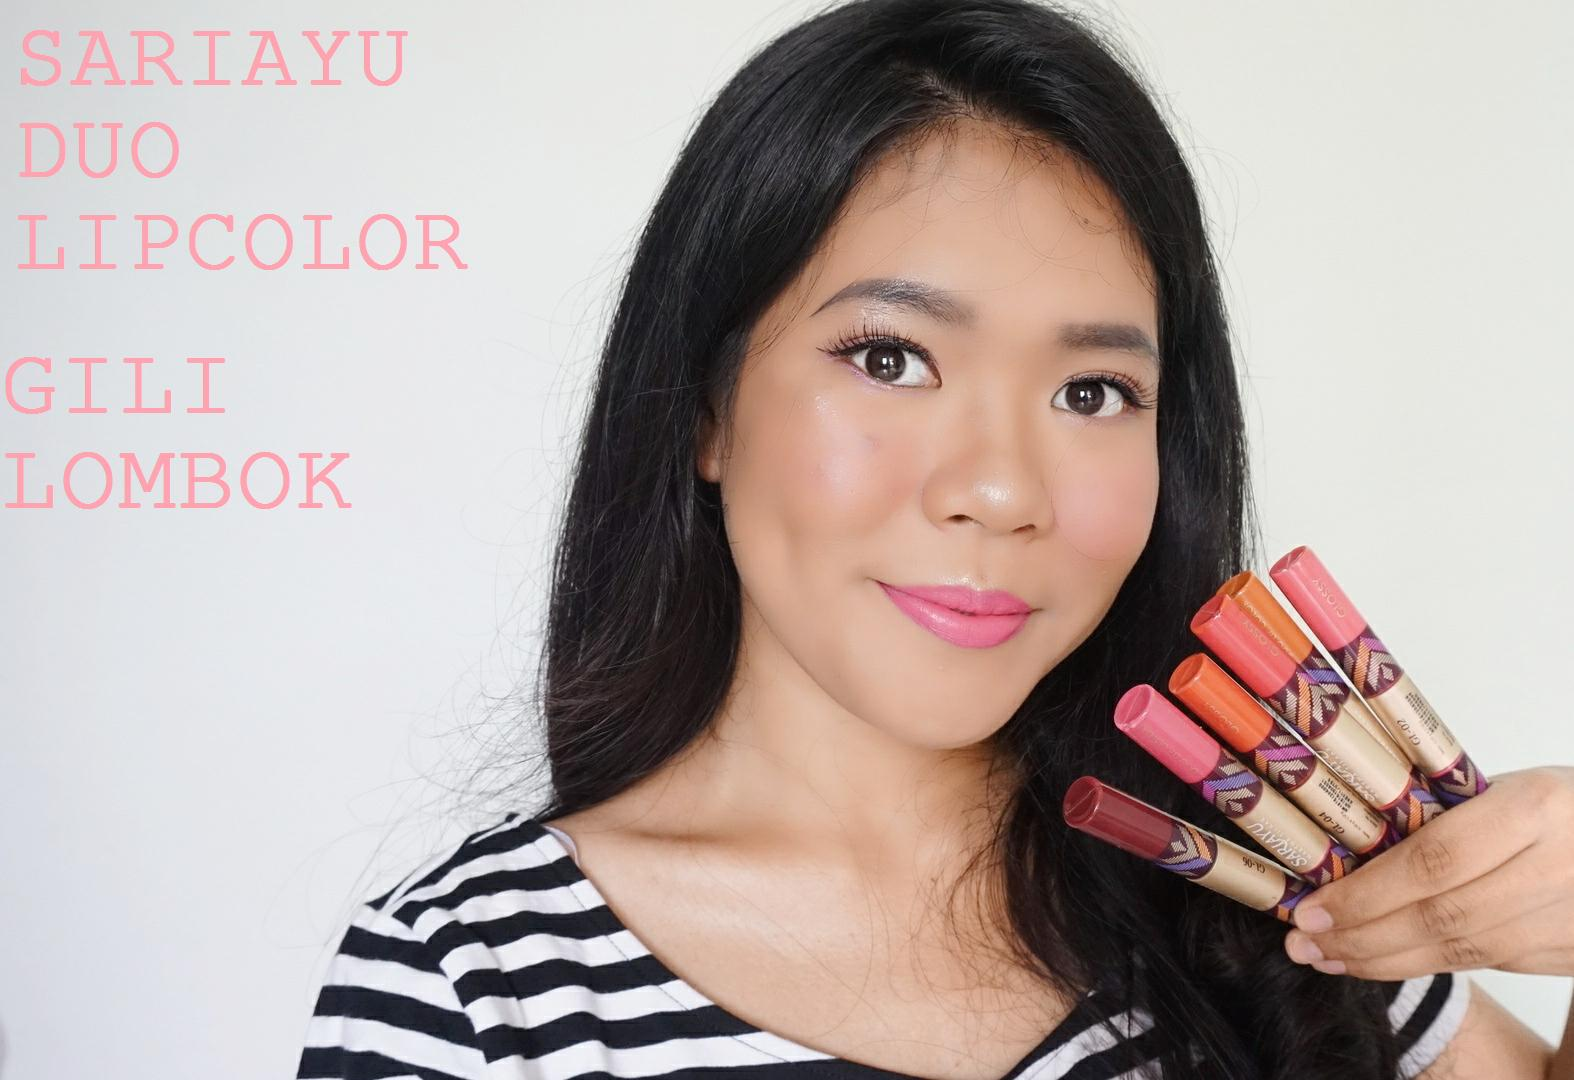 Sariayu Gili Lombok Duo Lip Color Review Dessy Dyl Trend 16 K 10 Btw Hasil Swatch Diatas Semuanya Menggunakan Matte Kamu Bisa Lihat Walaupun Tapi Masih Ada Shine Nya Sedikit Karena Formulanya Emang Ga Bikin Bibir